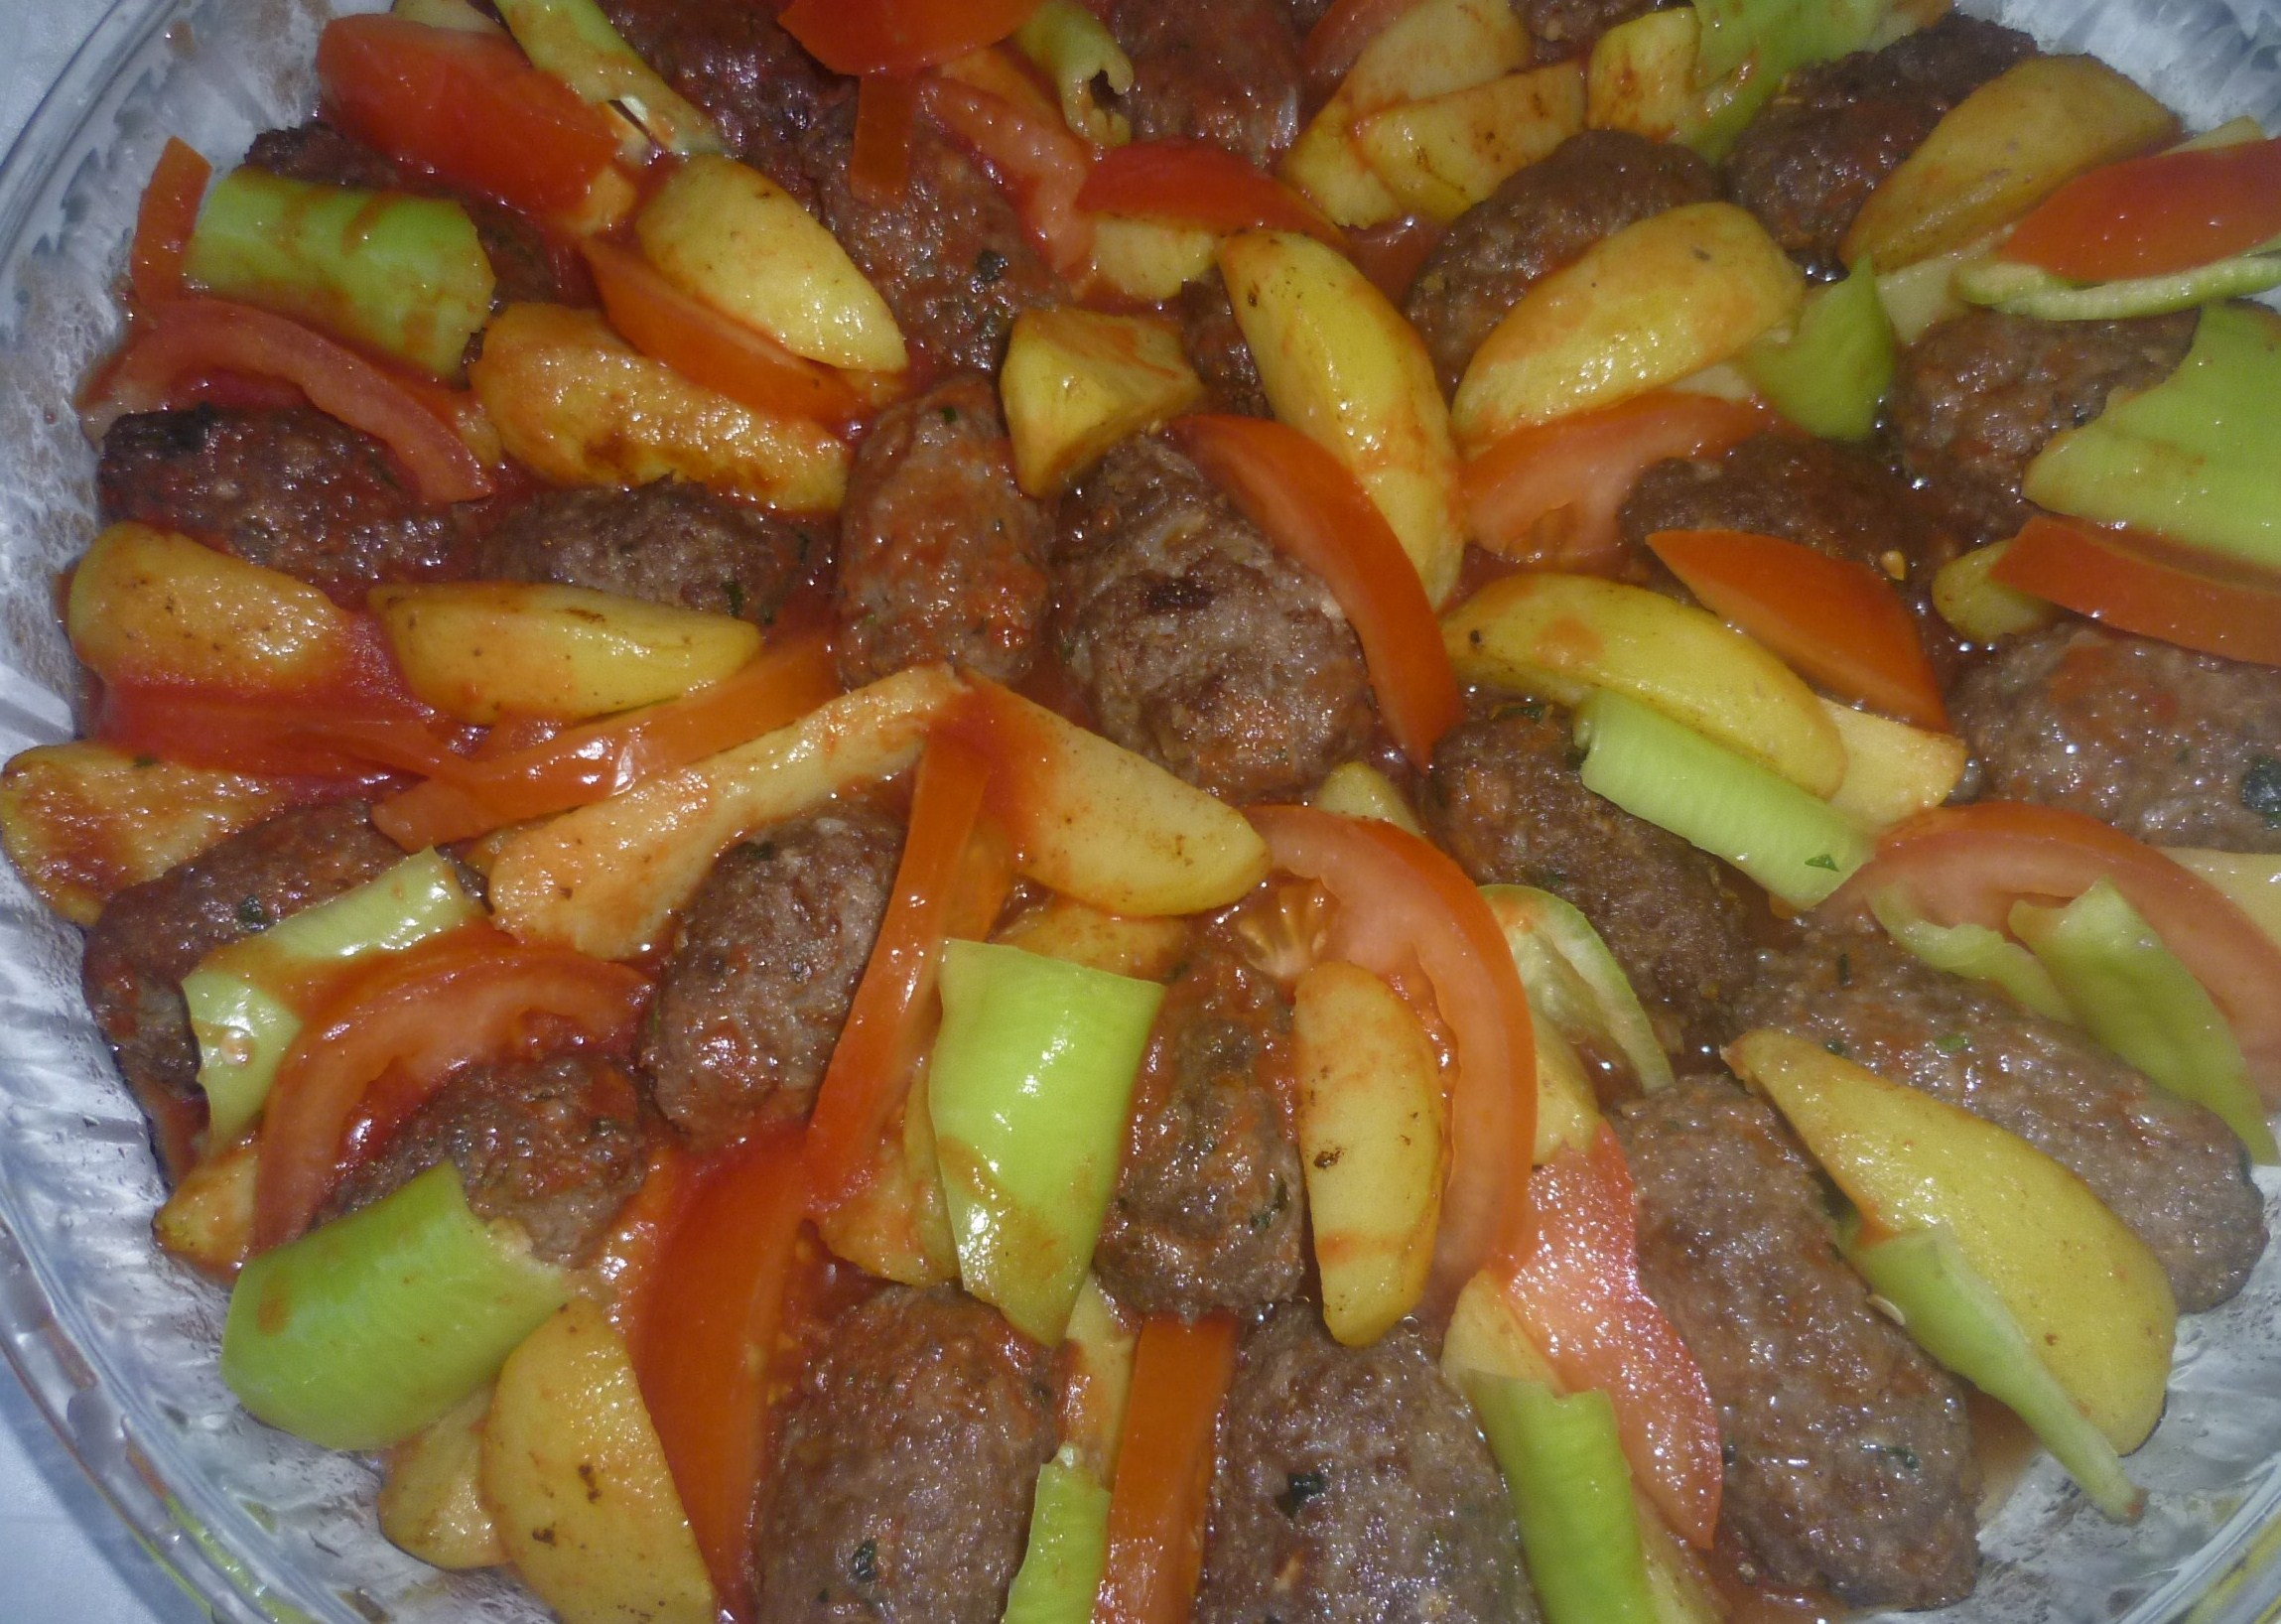 Yemek Tarifleri - Patates Yemeği Görselleri 1